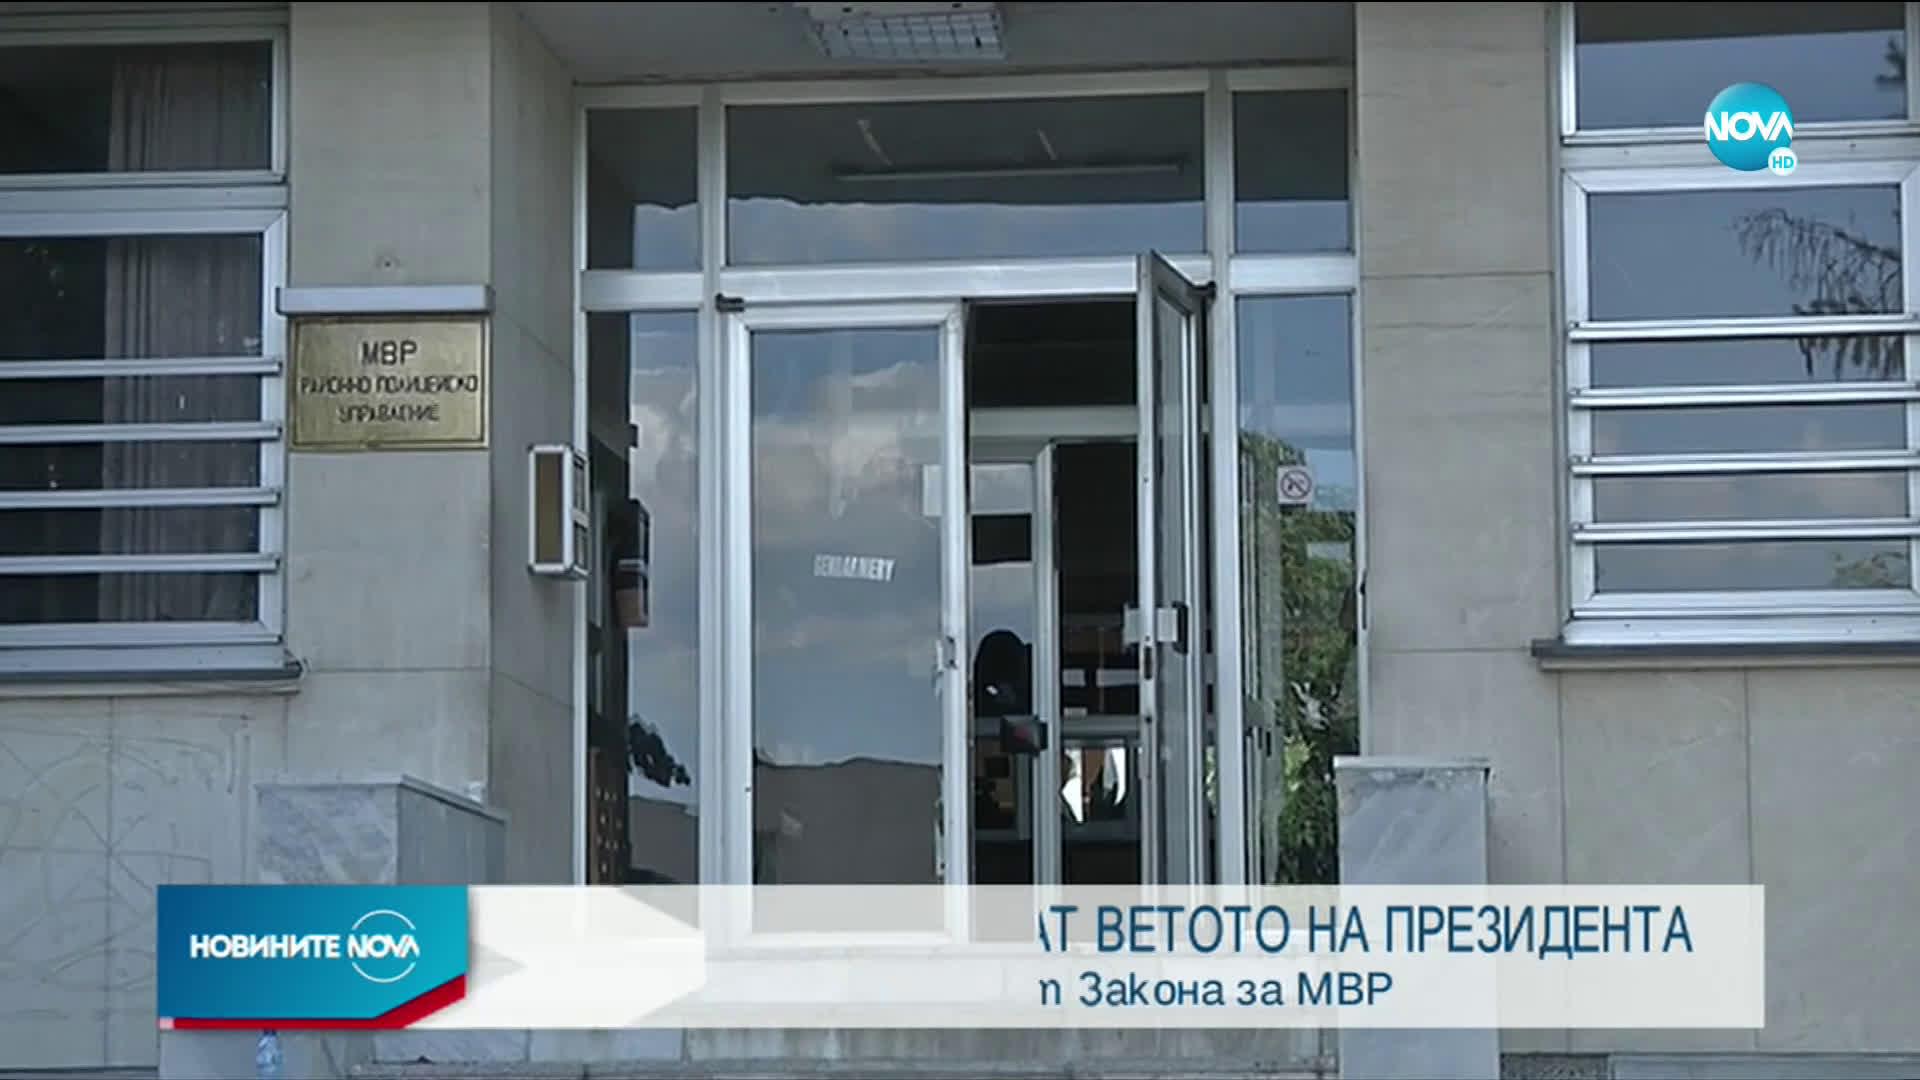 Депутатите гласуват ветото на президента върху закона за МВР